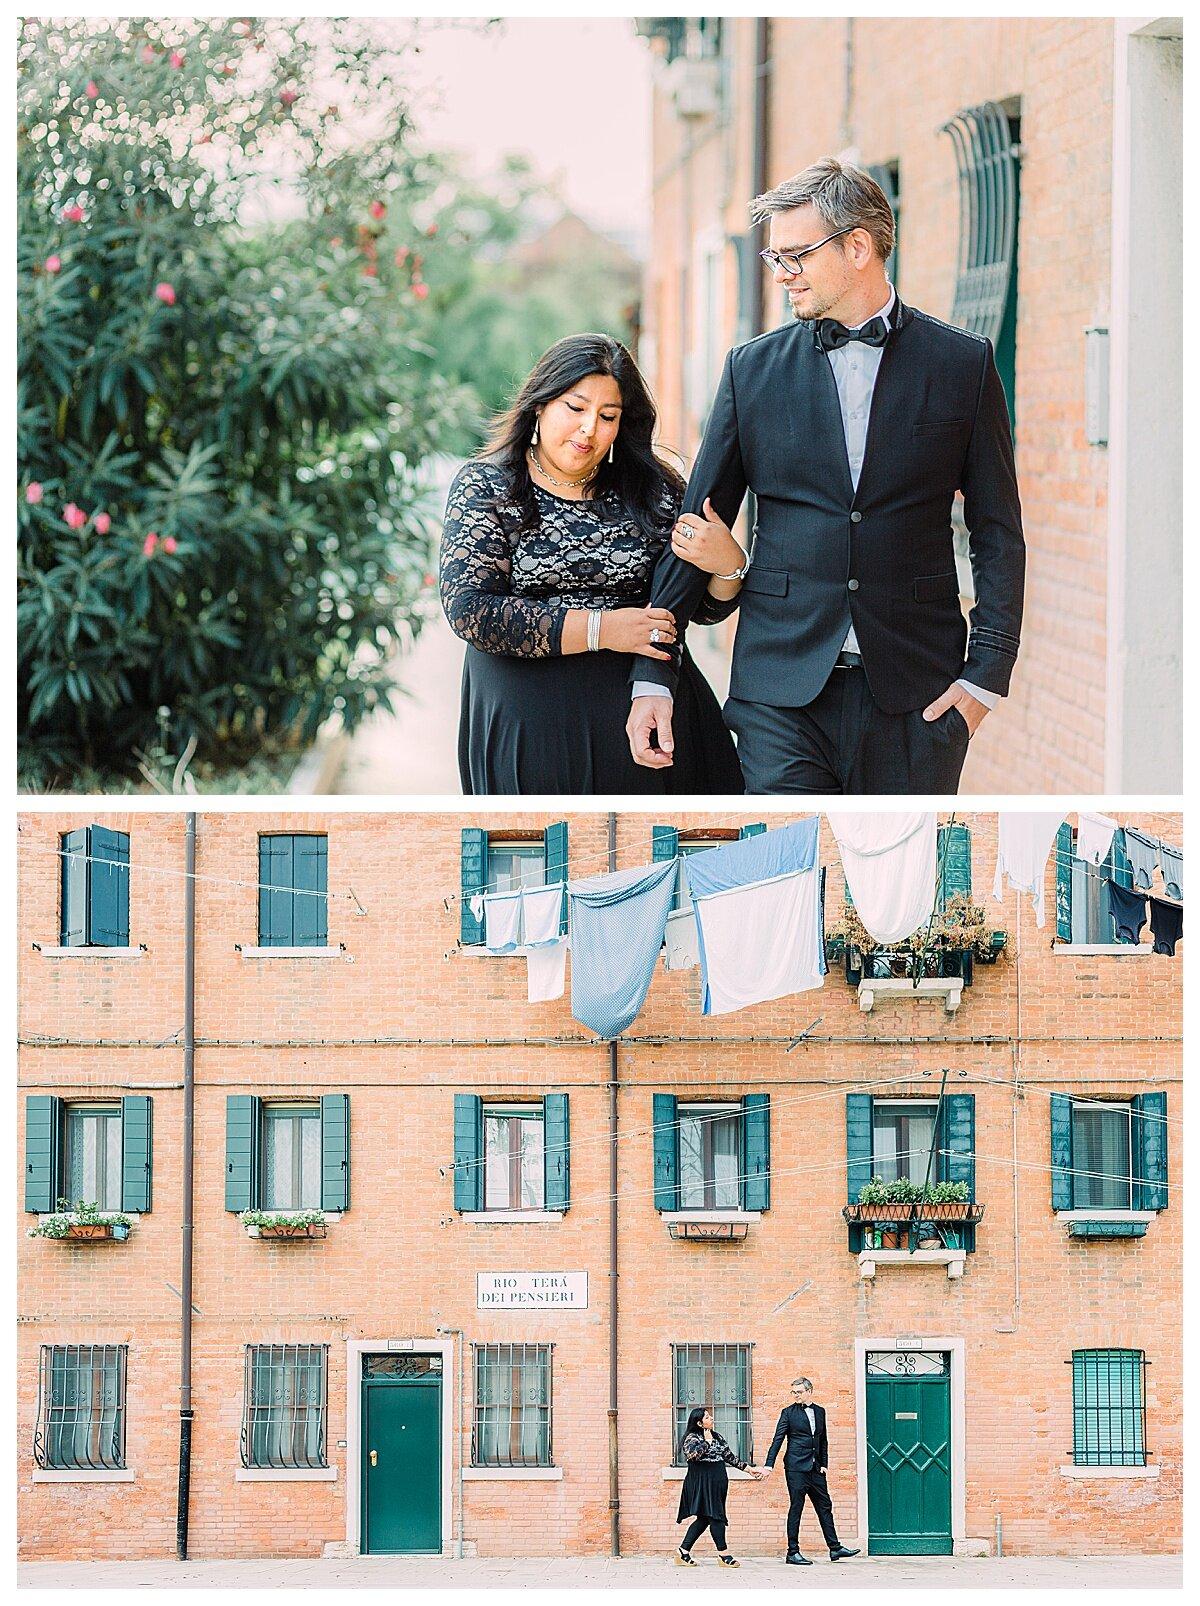 venice-photographer-stefano-degirmenci-couple-photowalk_1229.jpg